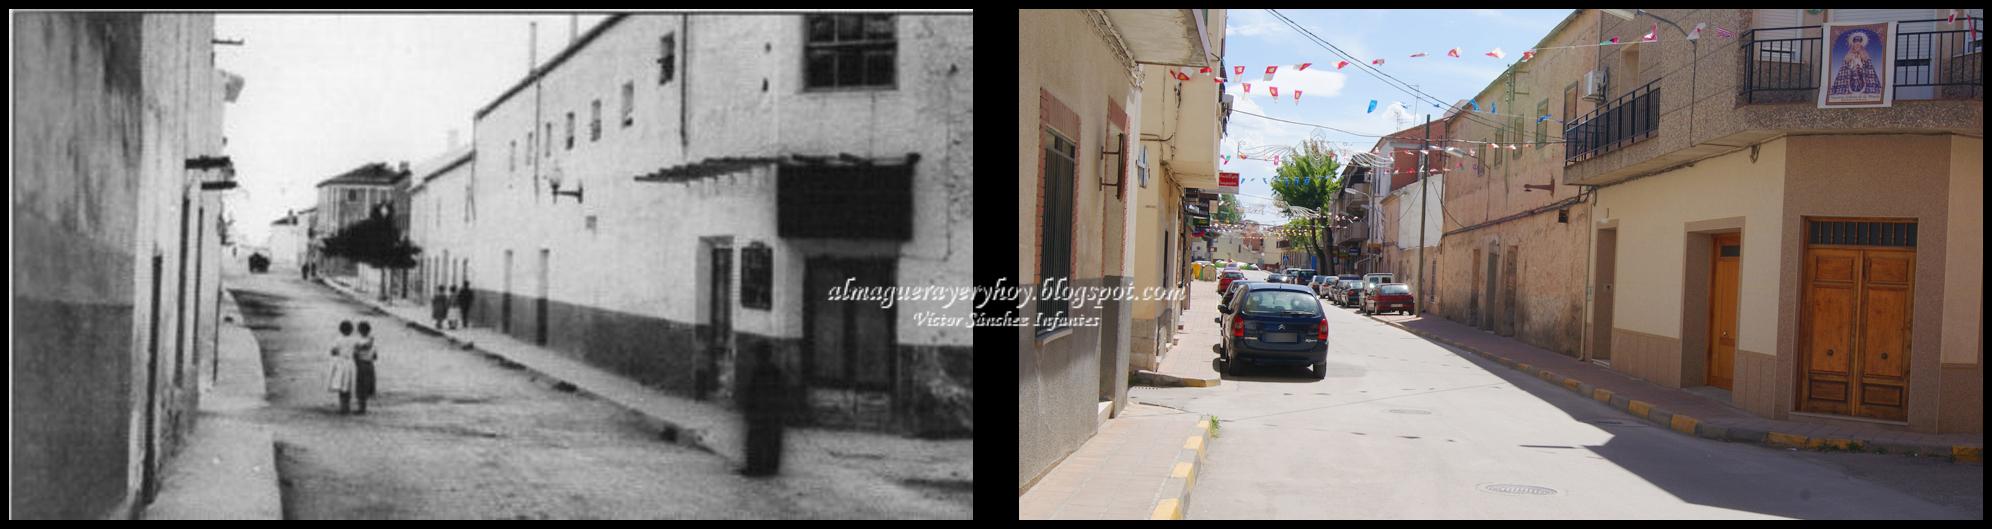 Calle Leoncia Díaz Cordovés